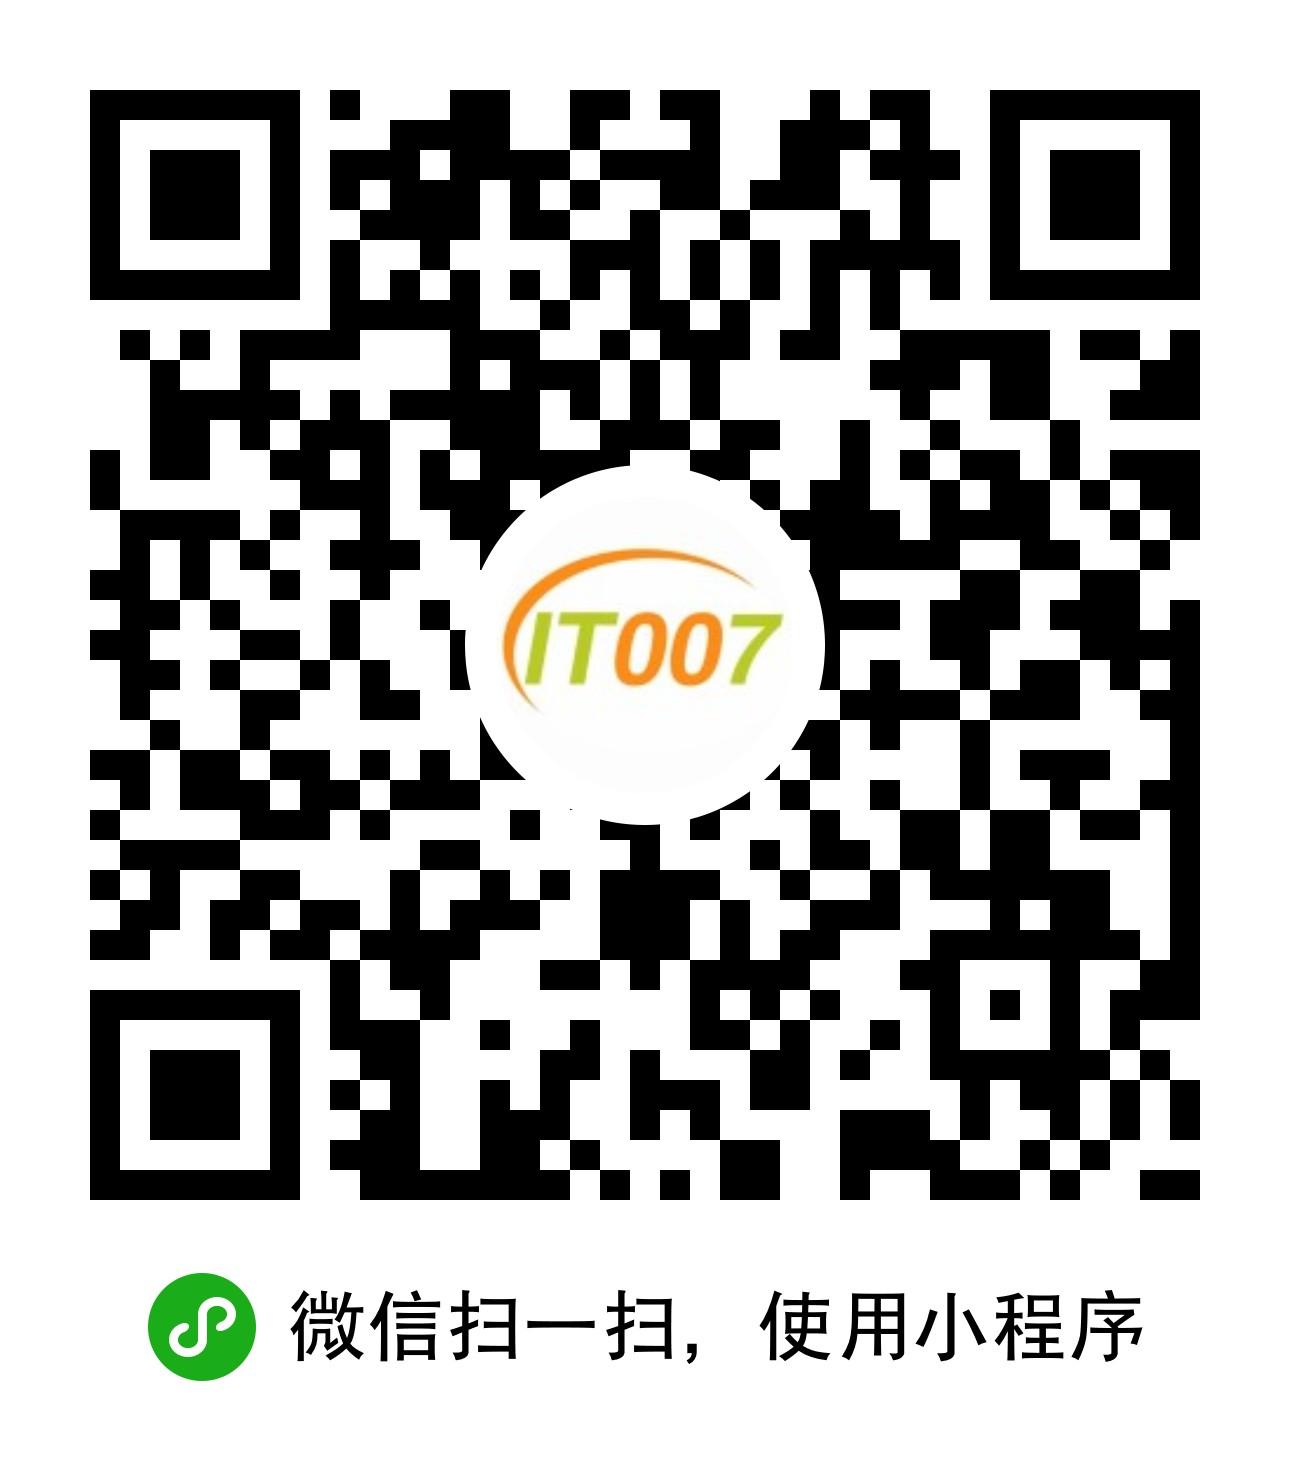 IT007论坛-微信小程序二维码